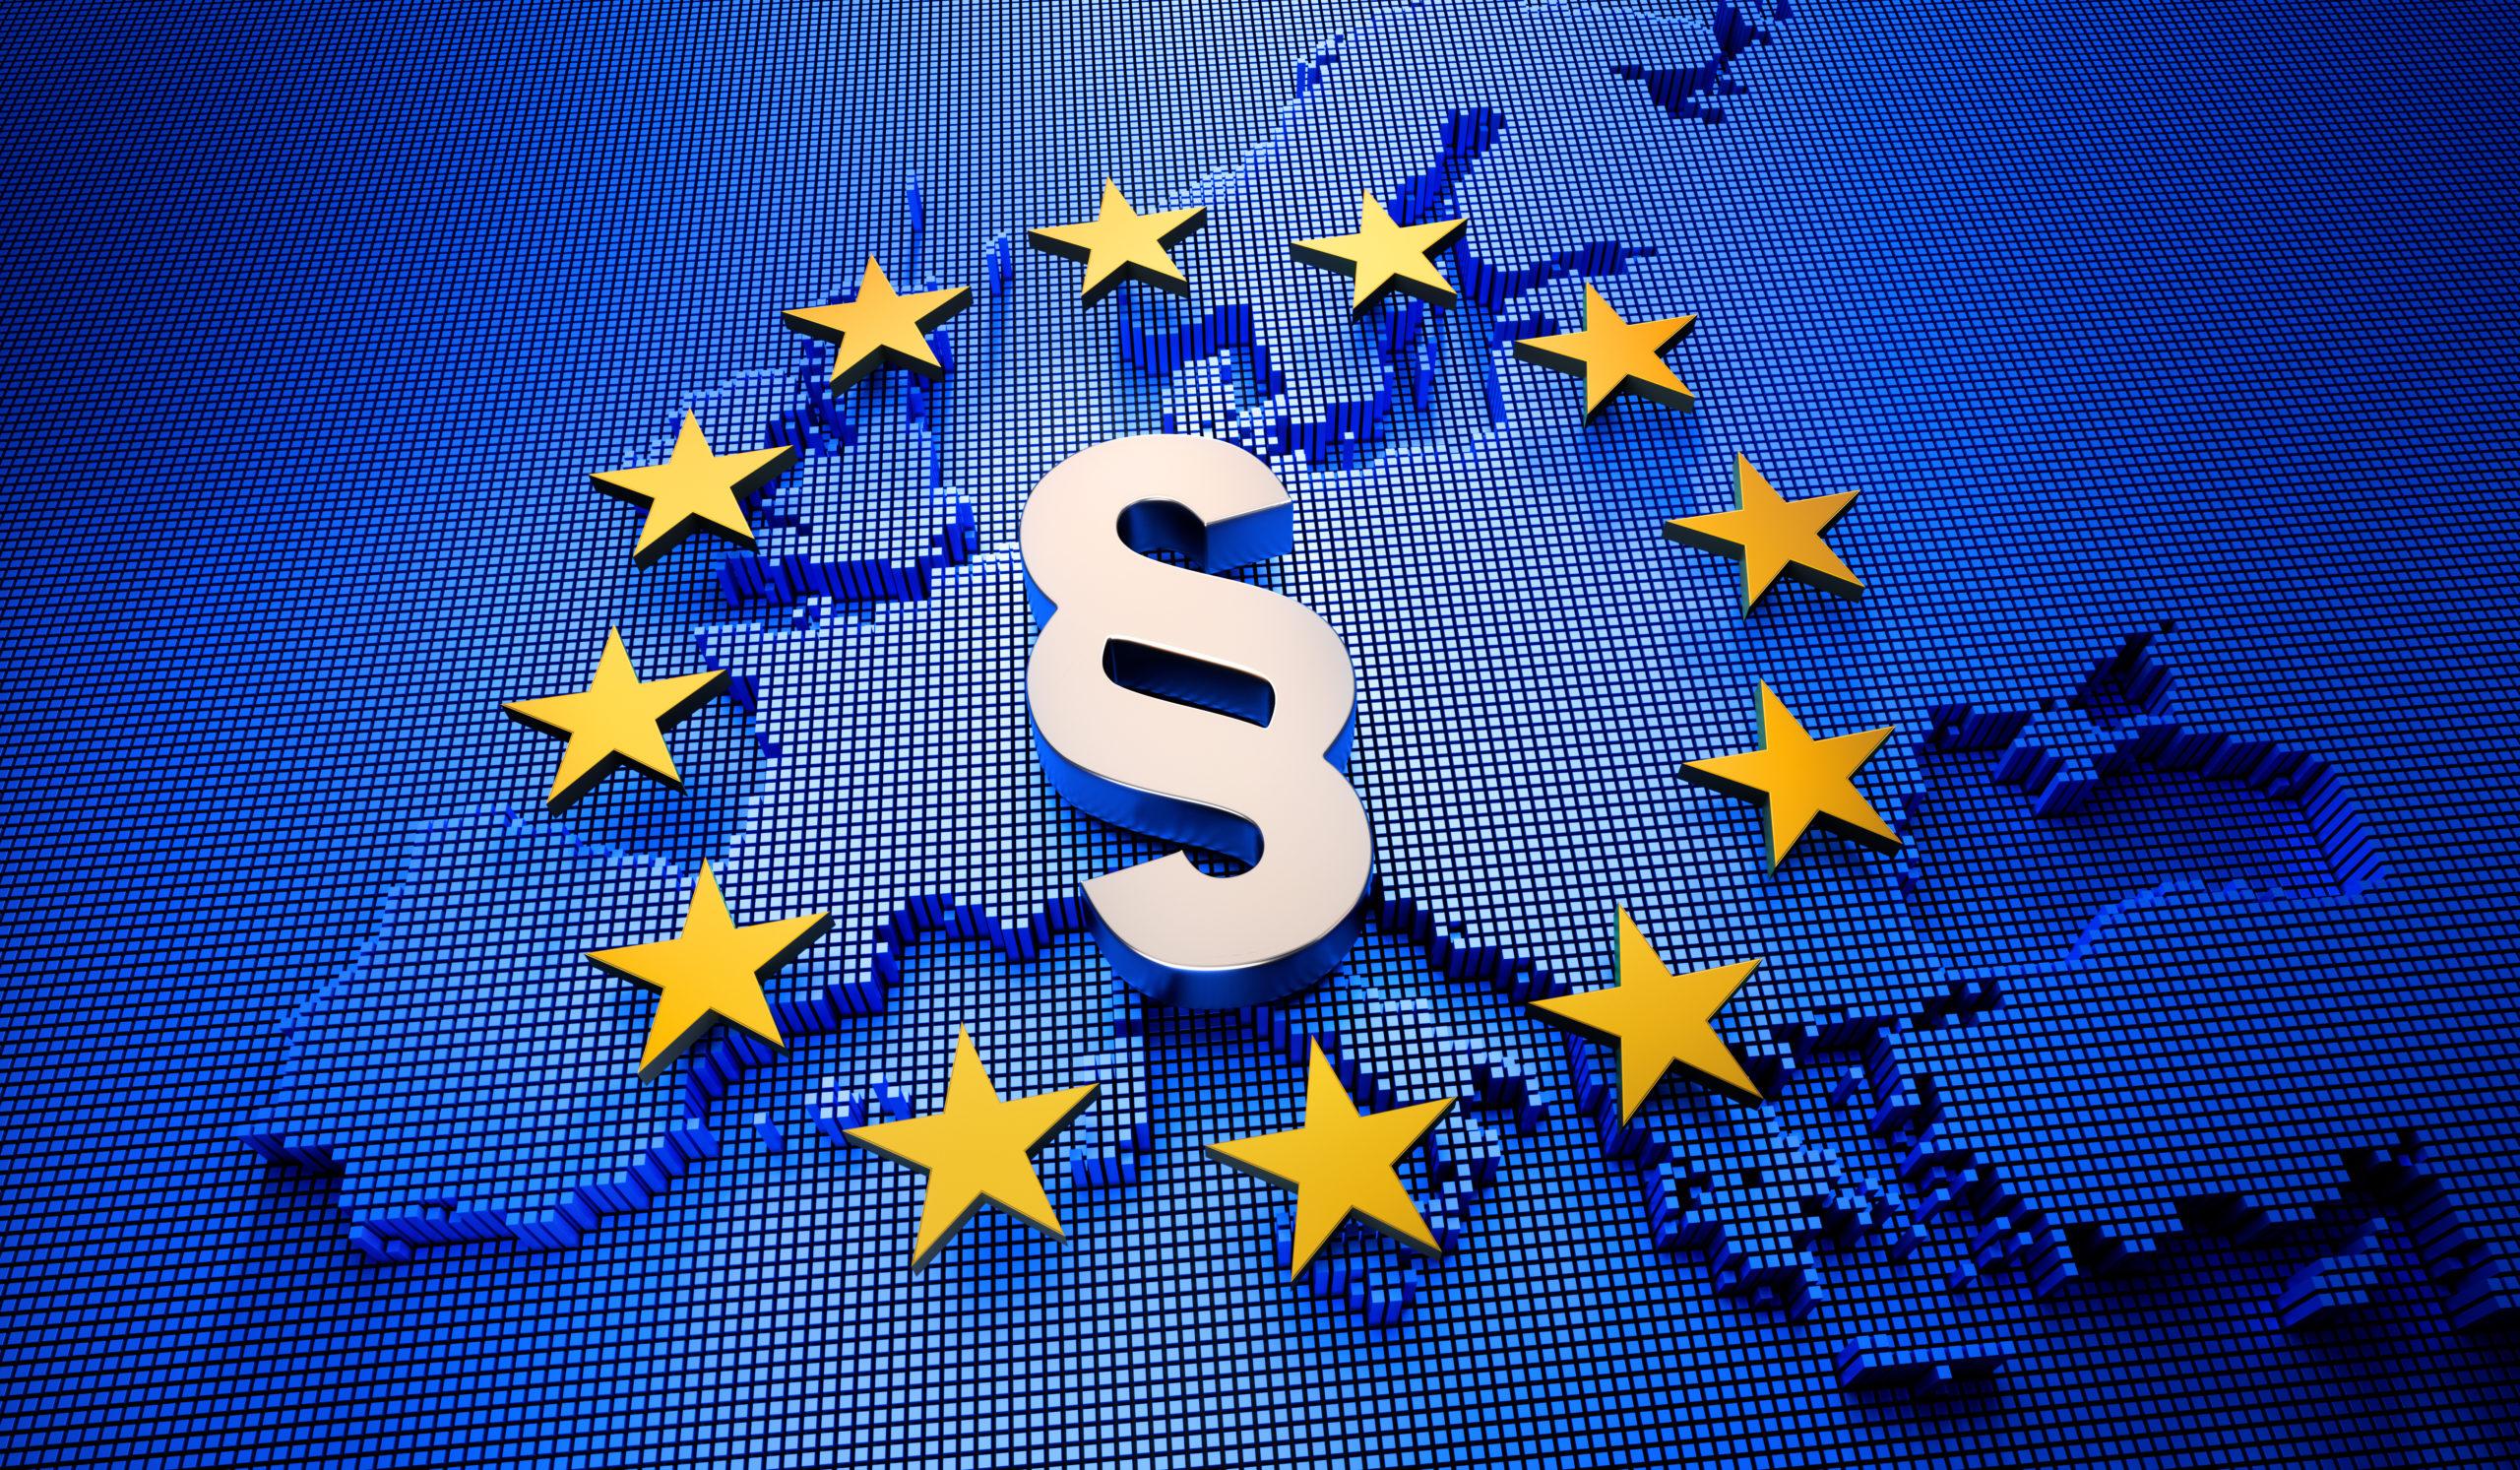 Bild von Europa mit Sternen, die ein Kreis bilden und einem Paragraphenzeichen